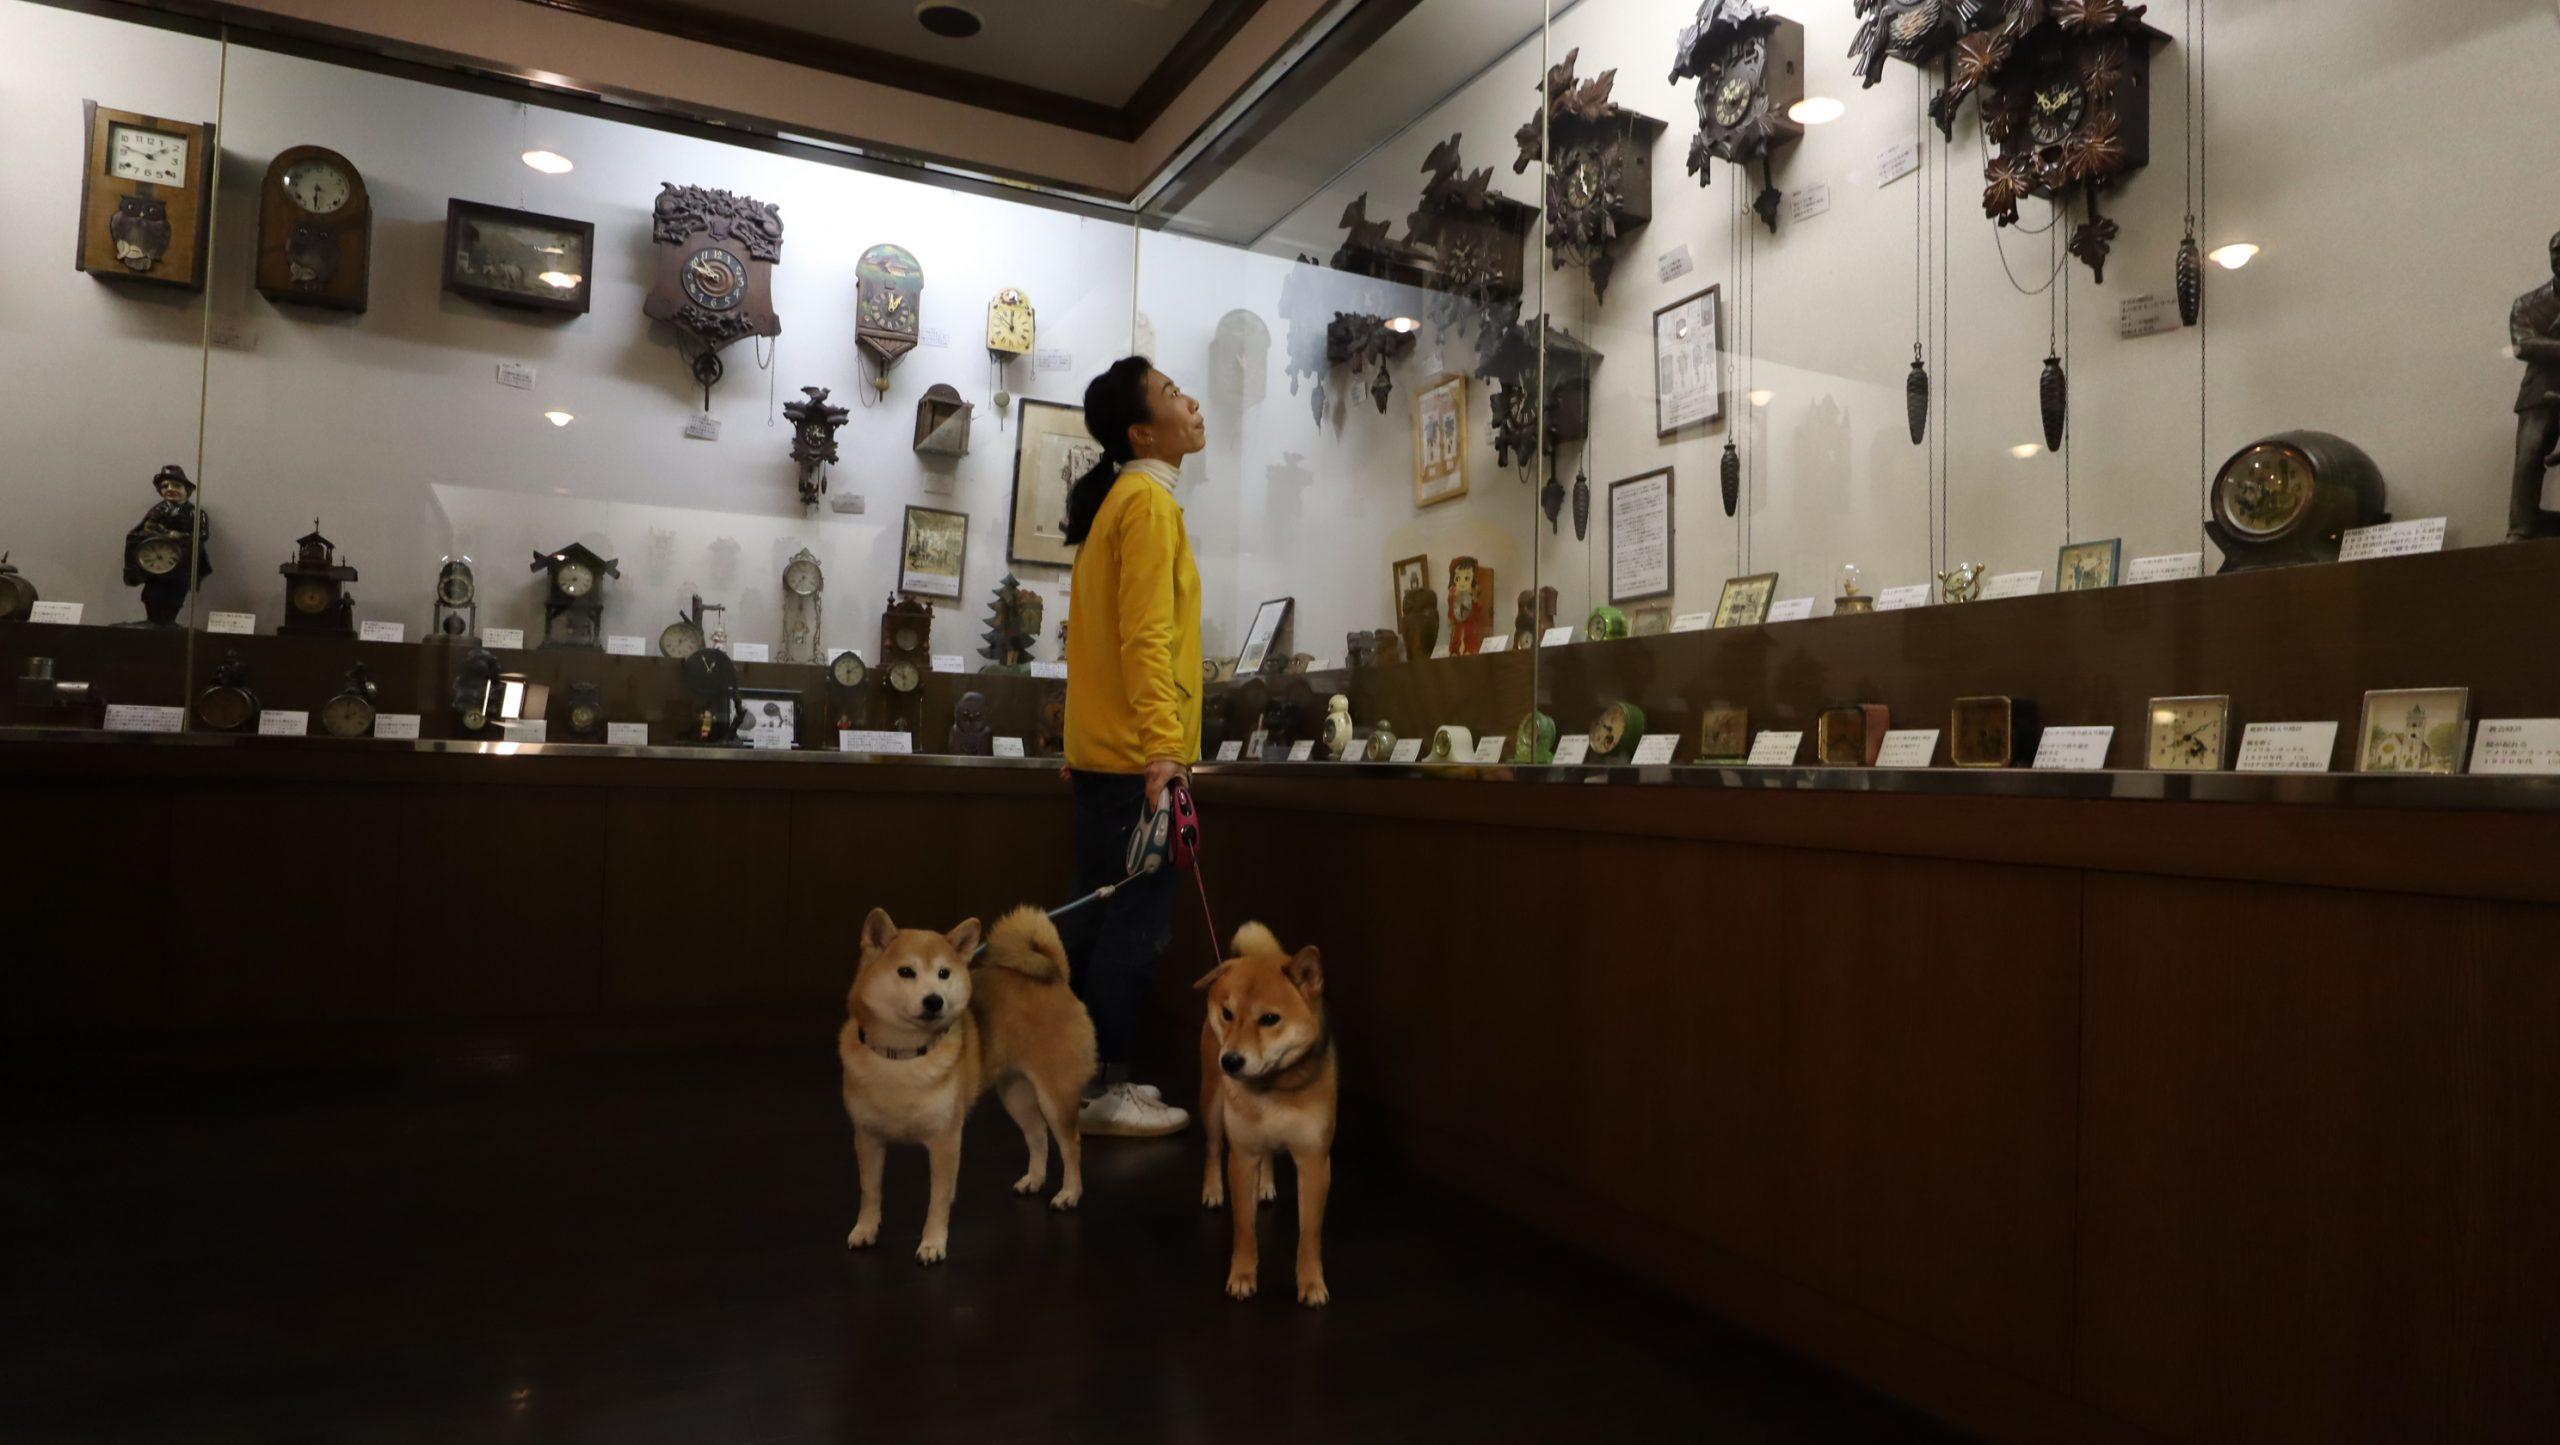 伊豆高原からくり時計博物館